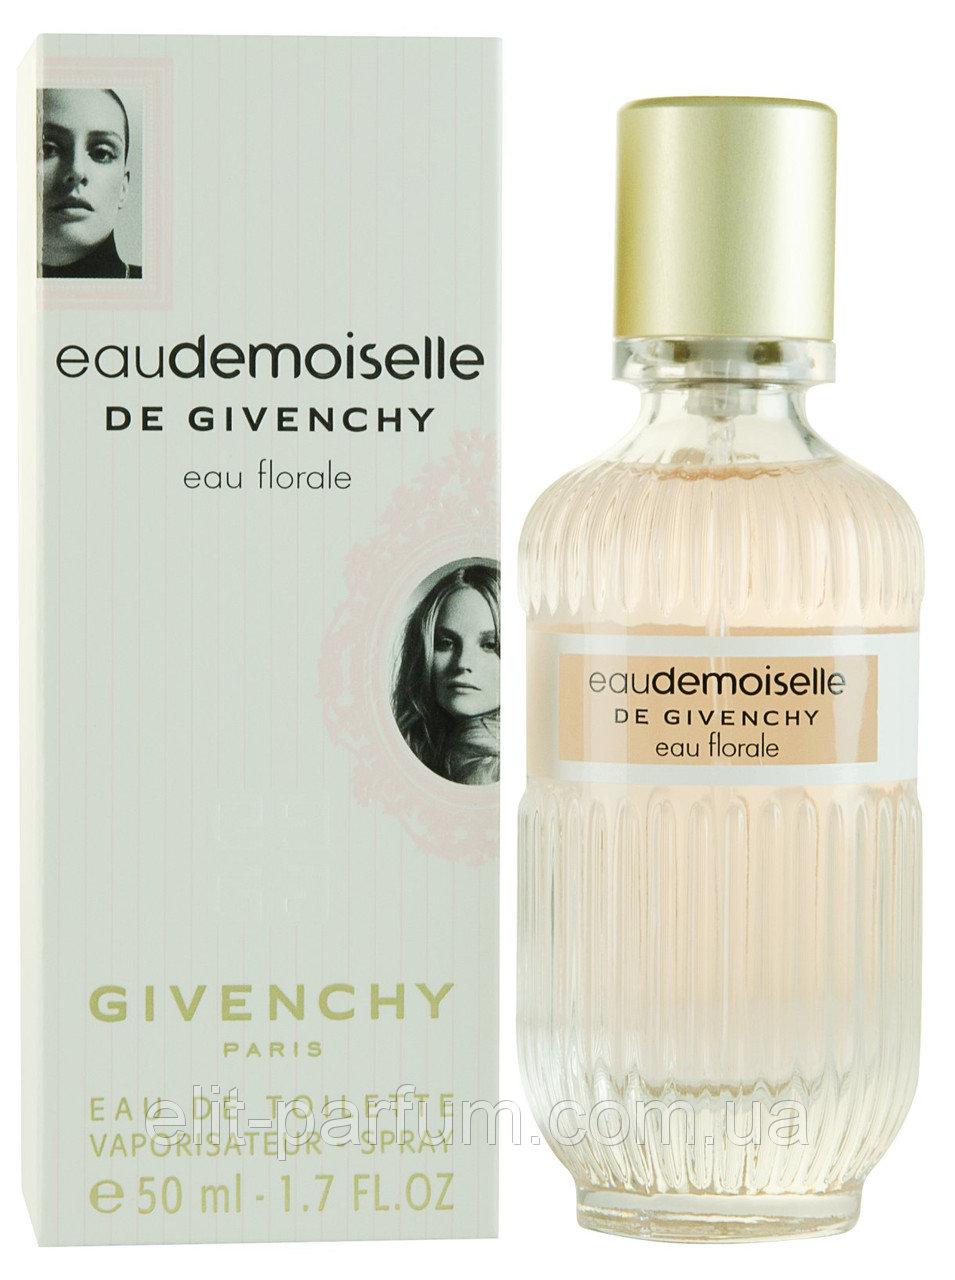 Givenchy Eaudemoiselle De Givenchy Eau Florale